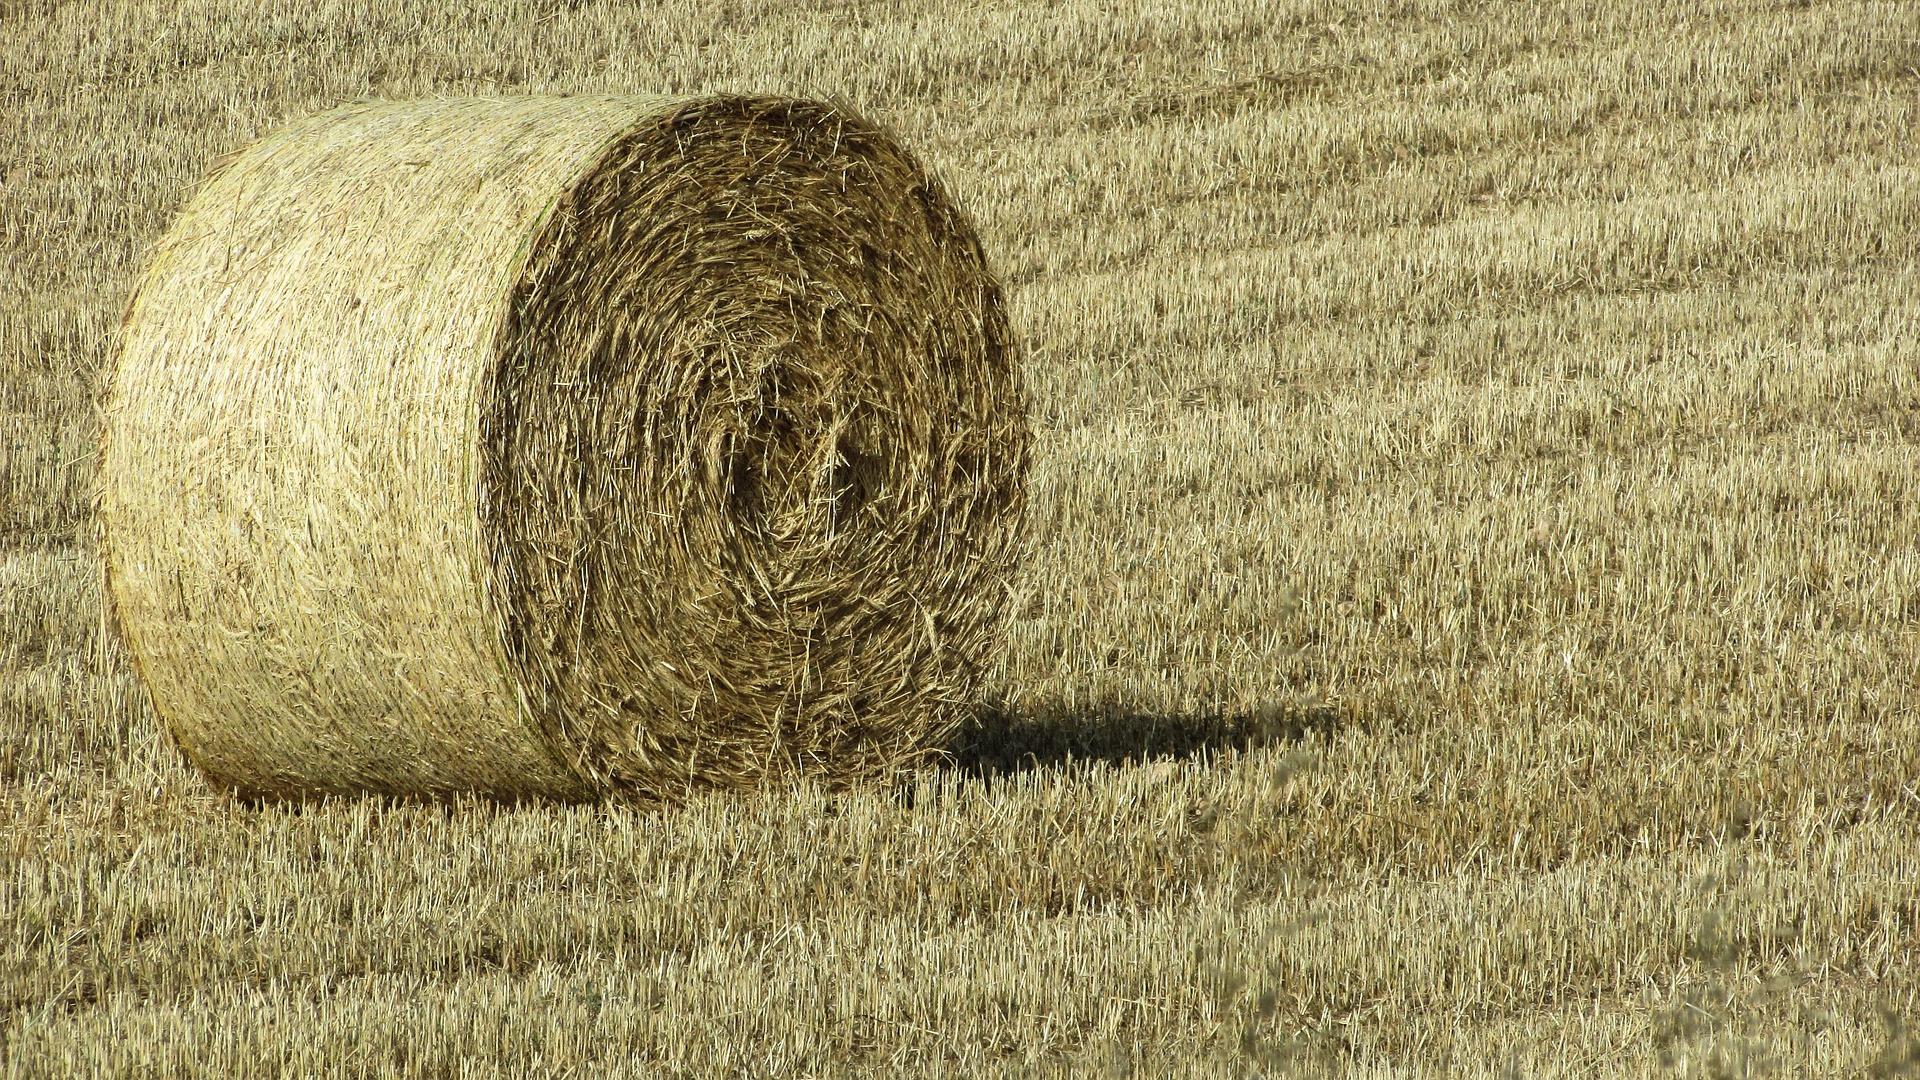 Recomendaciones para conseguir un buen forraje de hierba 1920